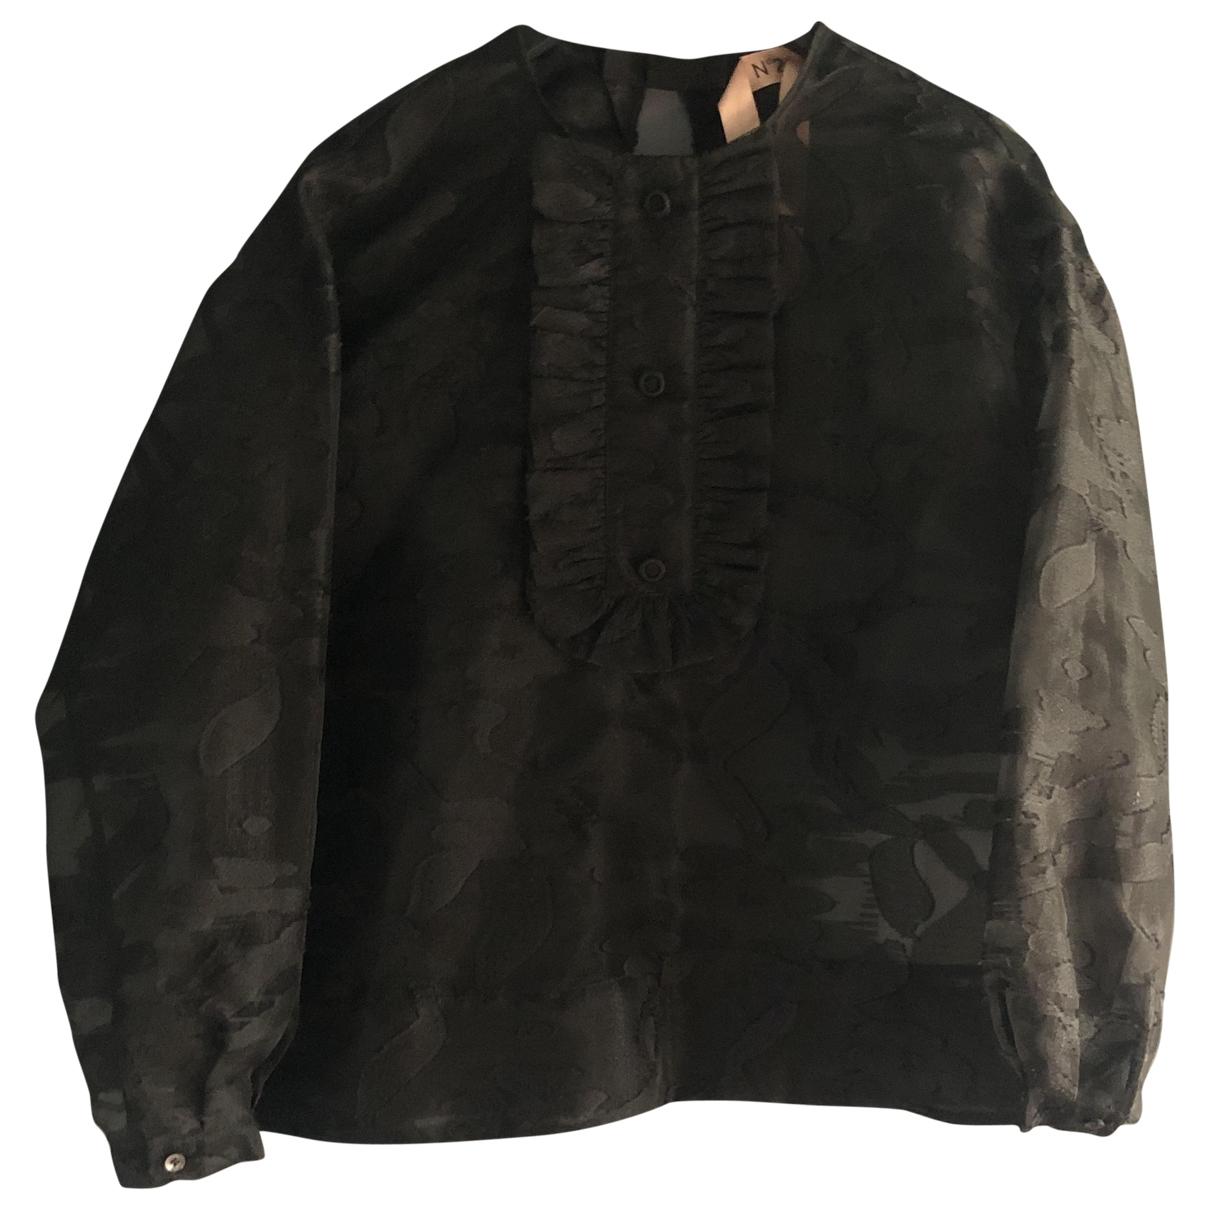 N°21 \N Black Lace  top for Women 40 IT